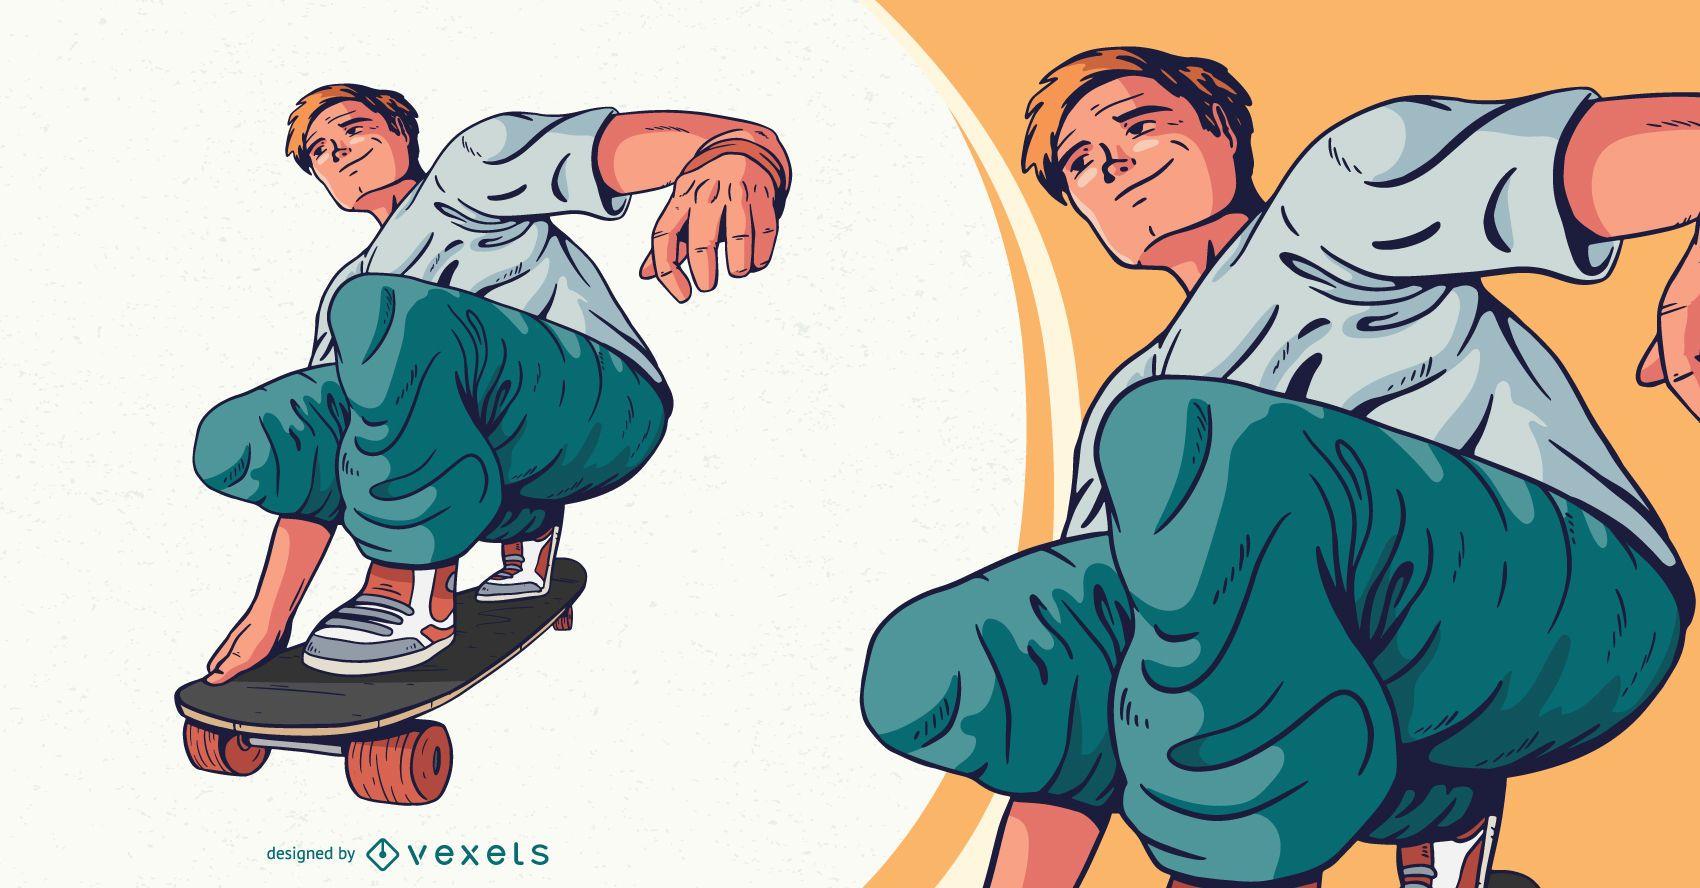 Skater character illustration